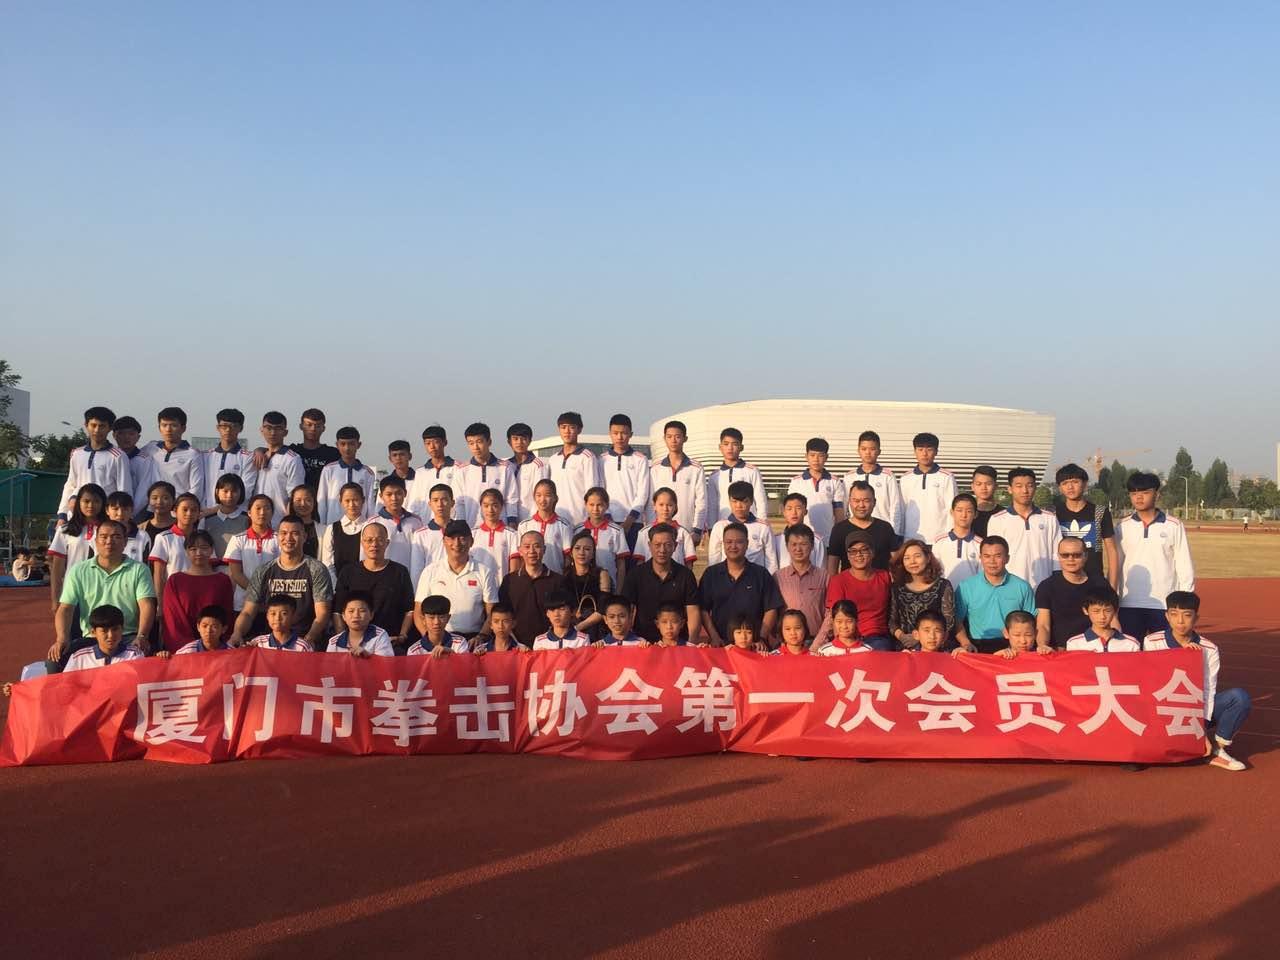 厦门拳击协会正式成立 拳击裁判陈东当选会长